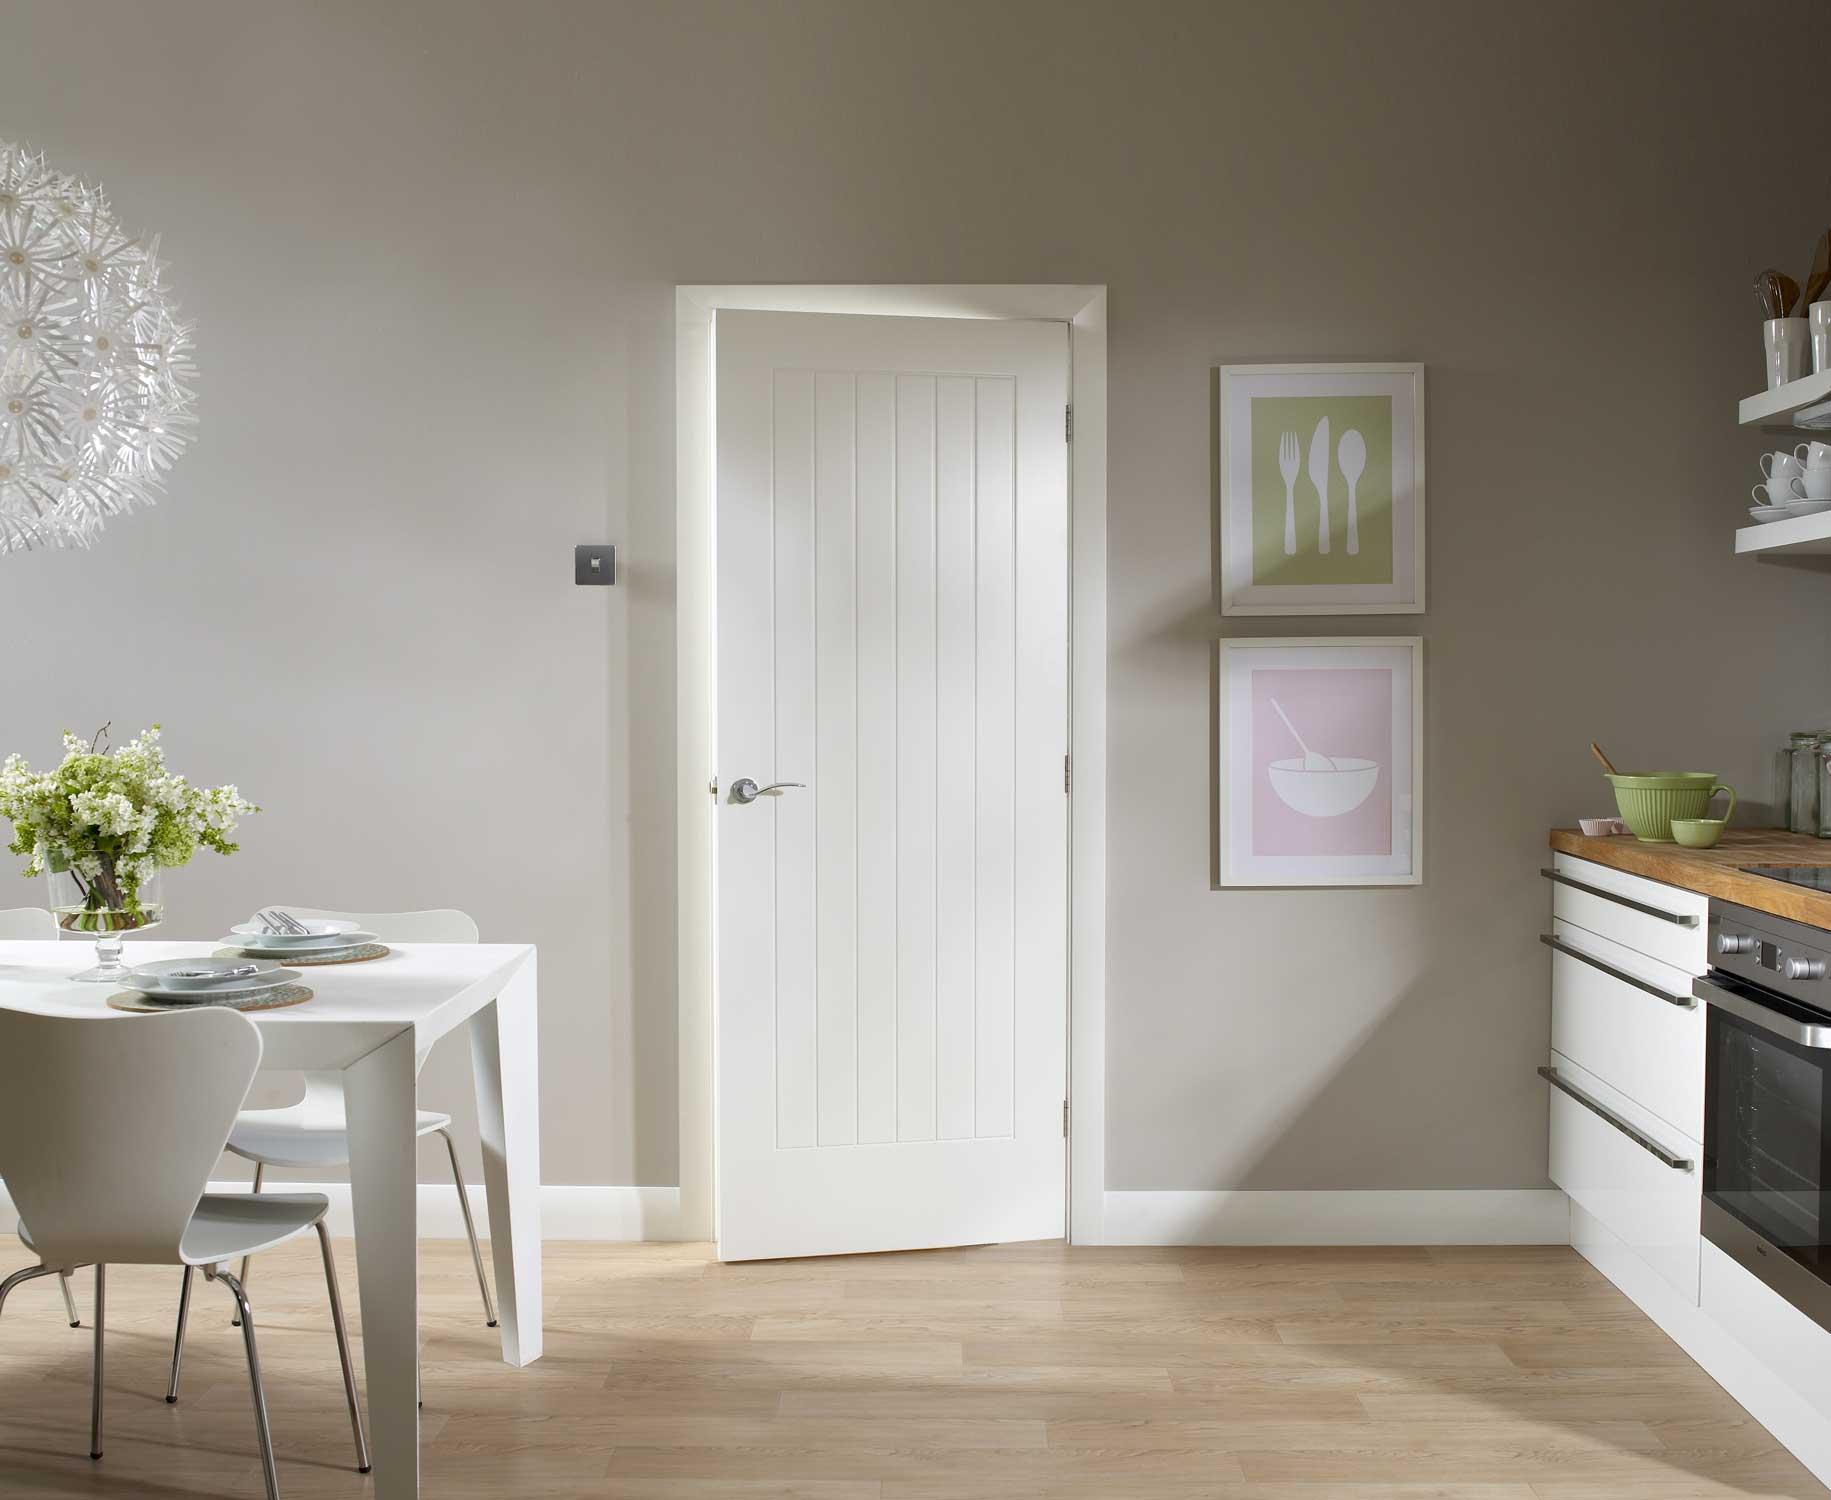 грубит, белые двери в интерьере квартиры фото чтобы эта светлость